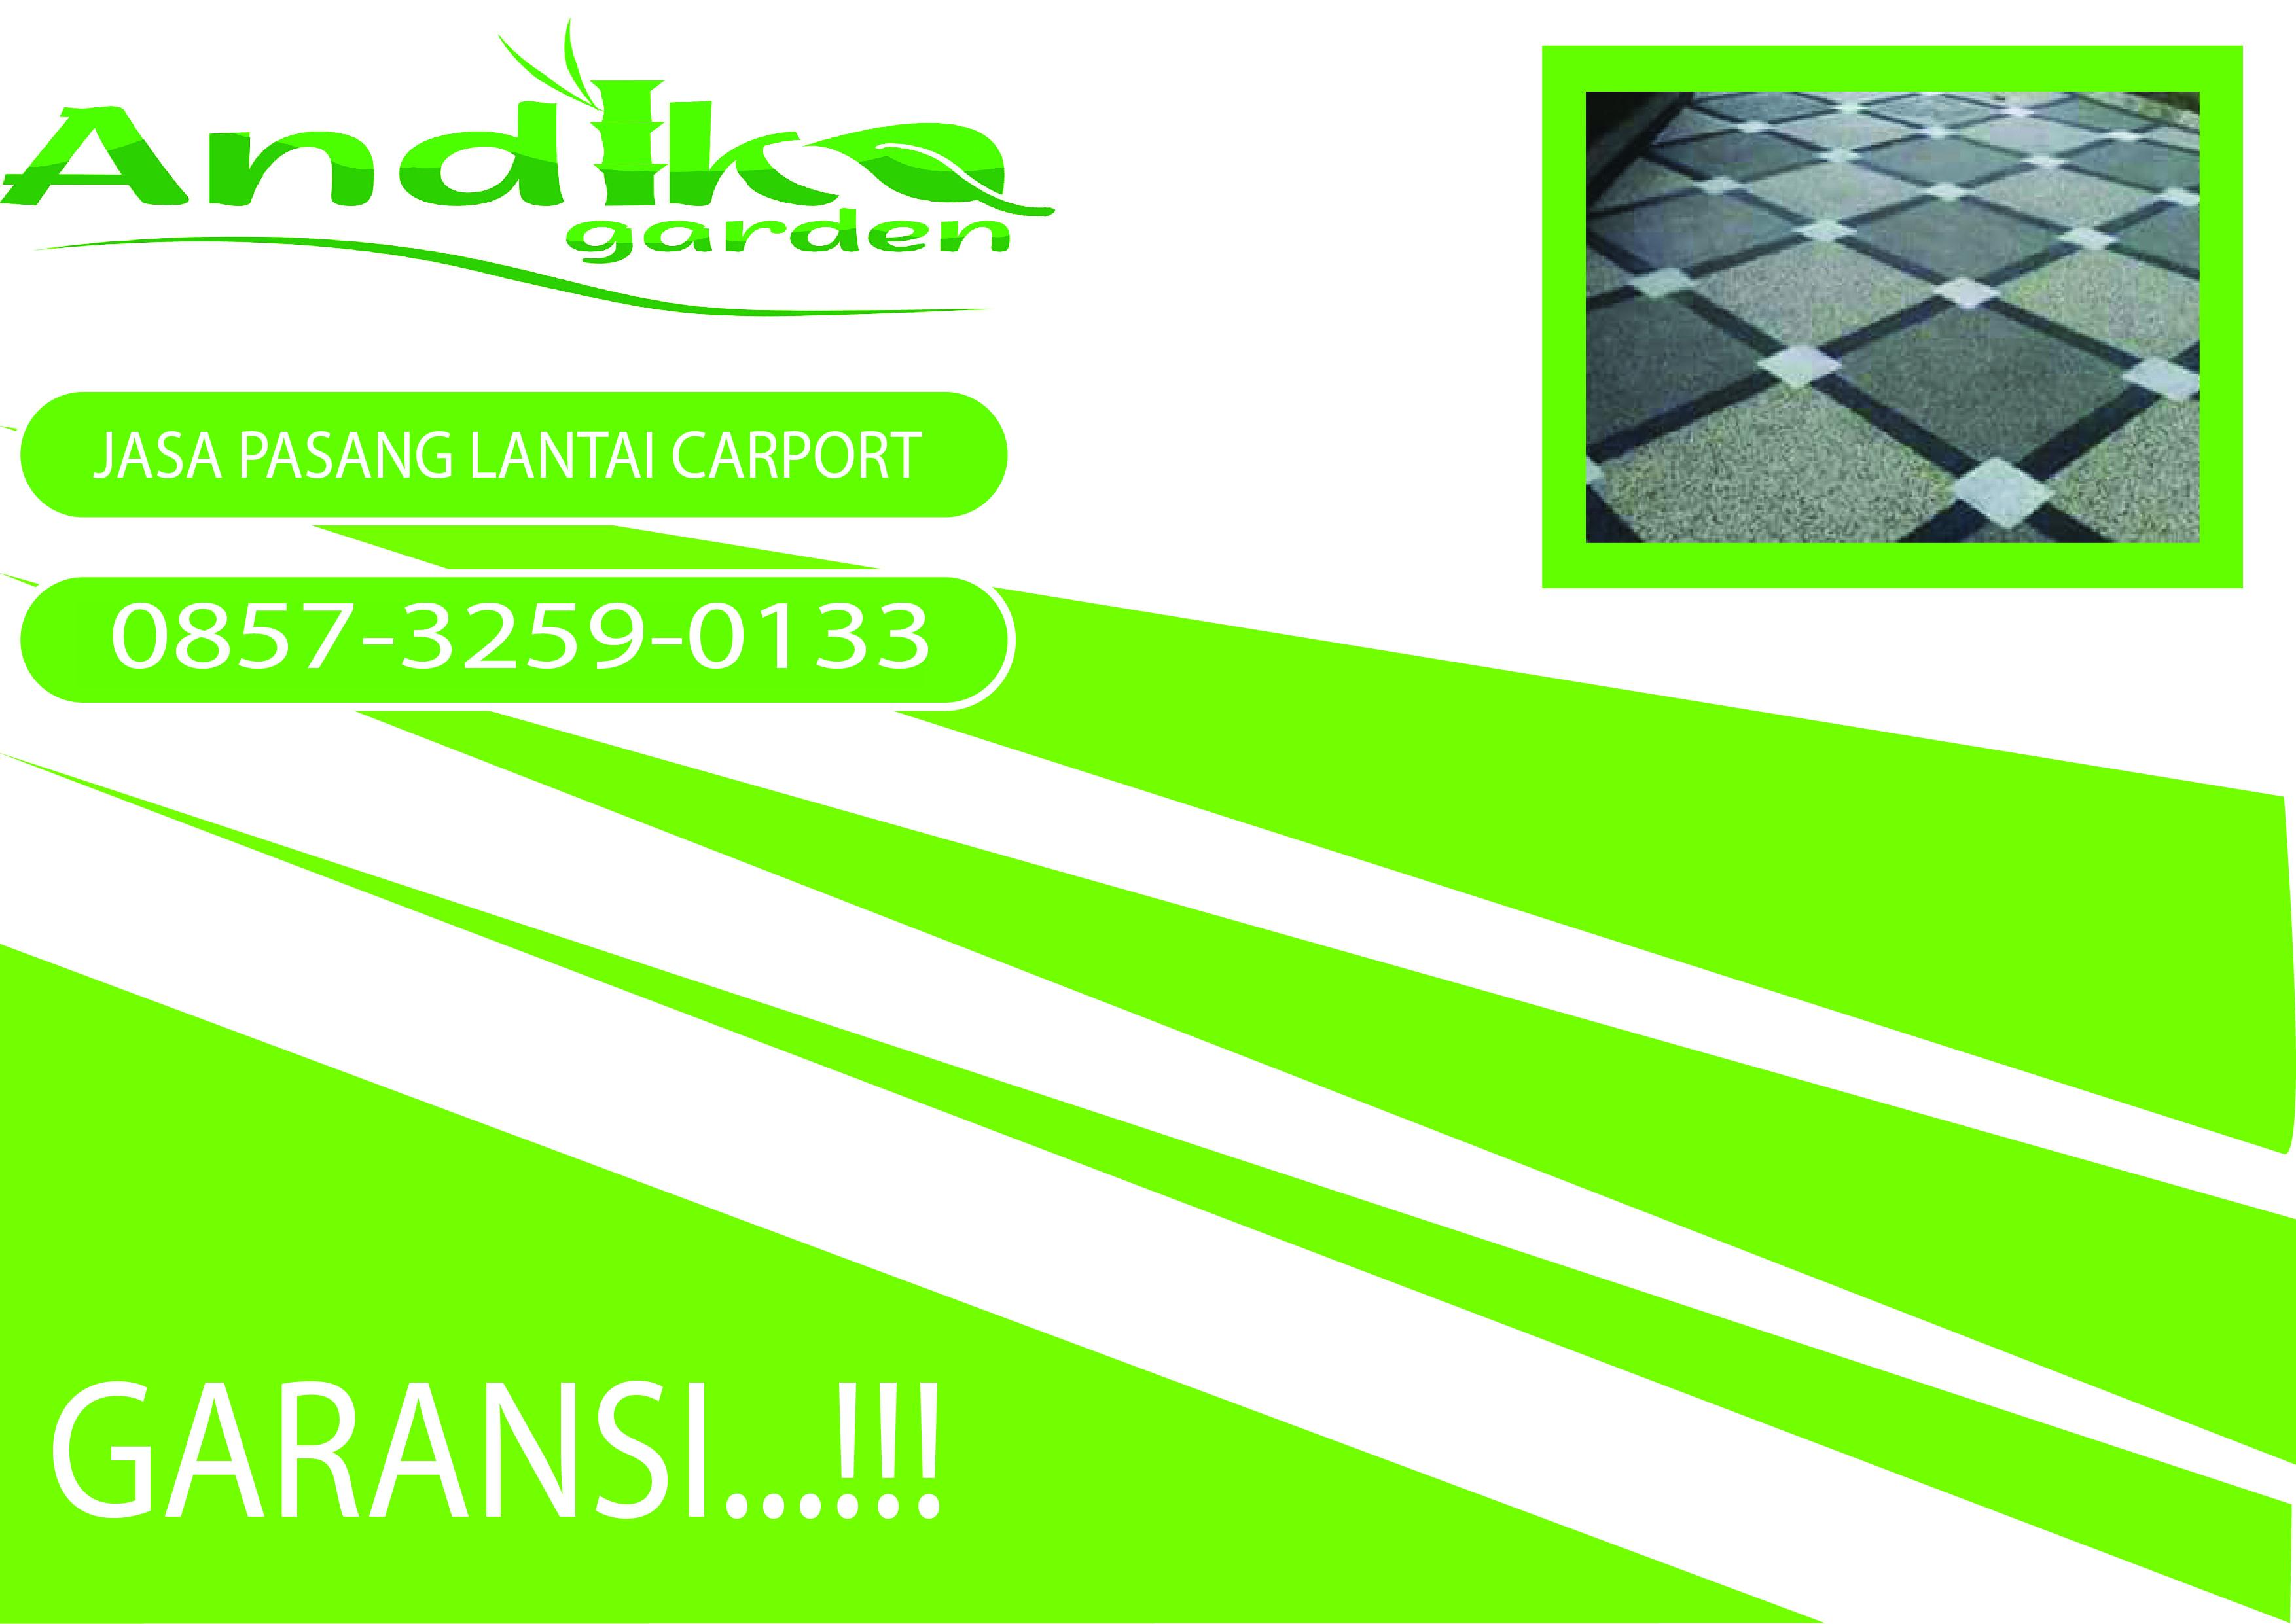 Harga Keramik Lantai Carport Tlp 62 857 3259 0133 Andika Garden In 2020 Whatsapp Message Carport Batu